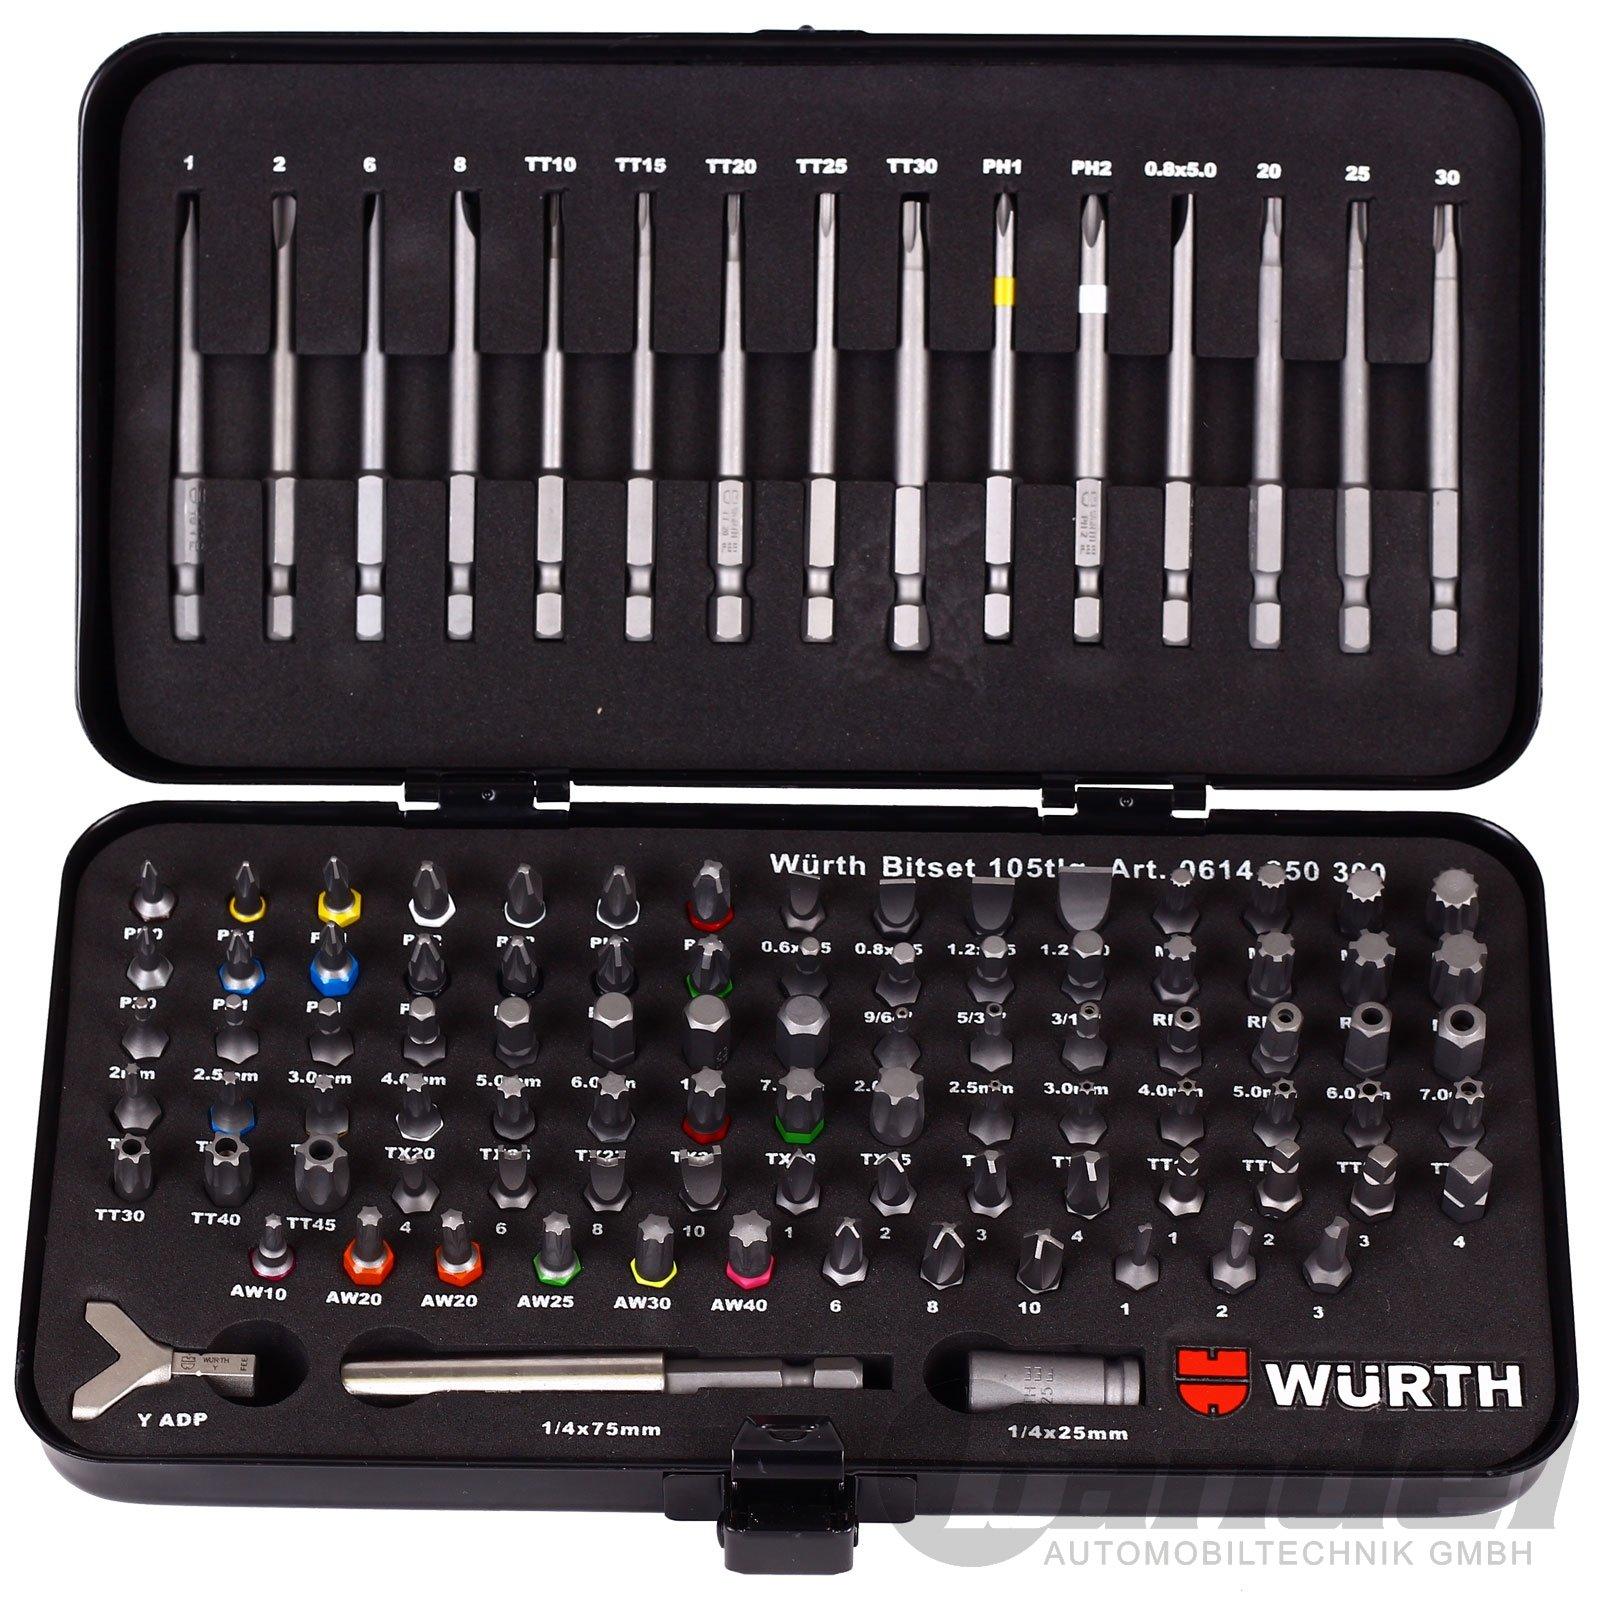 Wrth-universeller-Werkzeugsatz-105-tlg-Bit-Set-im-robusten-Metallkoffer-0614-250-300